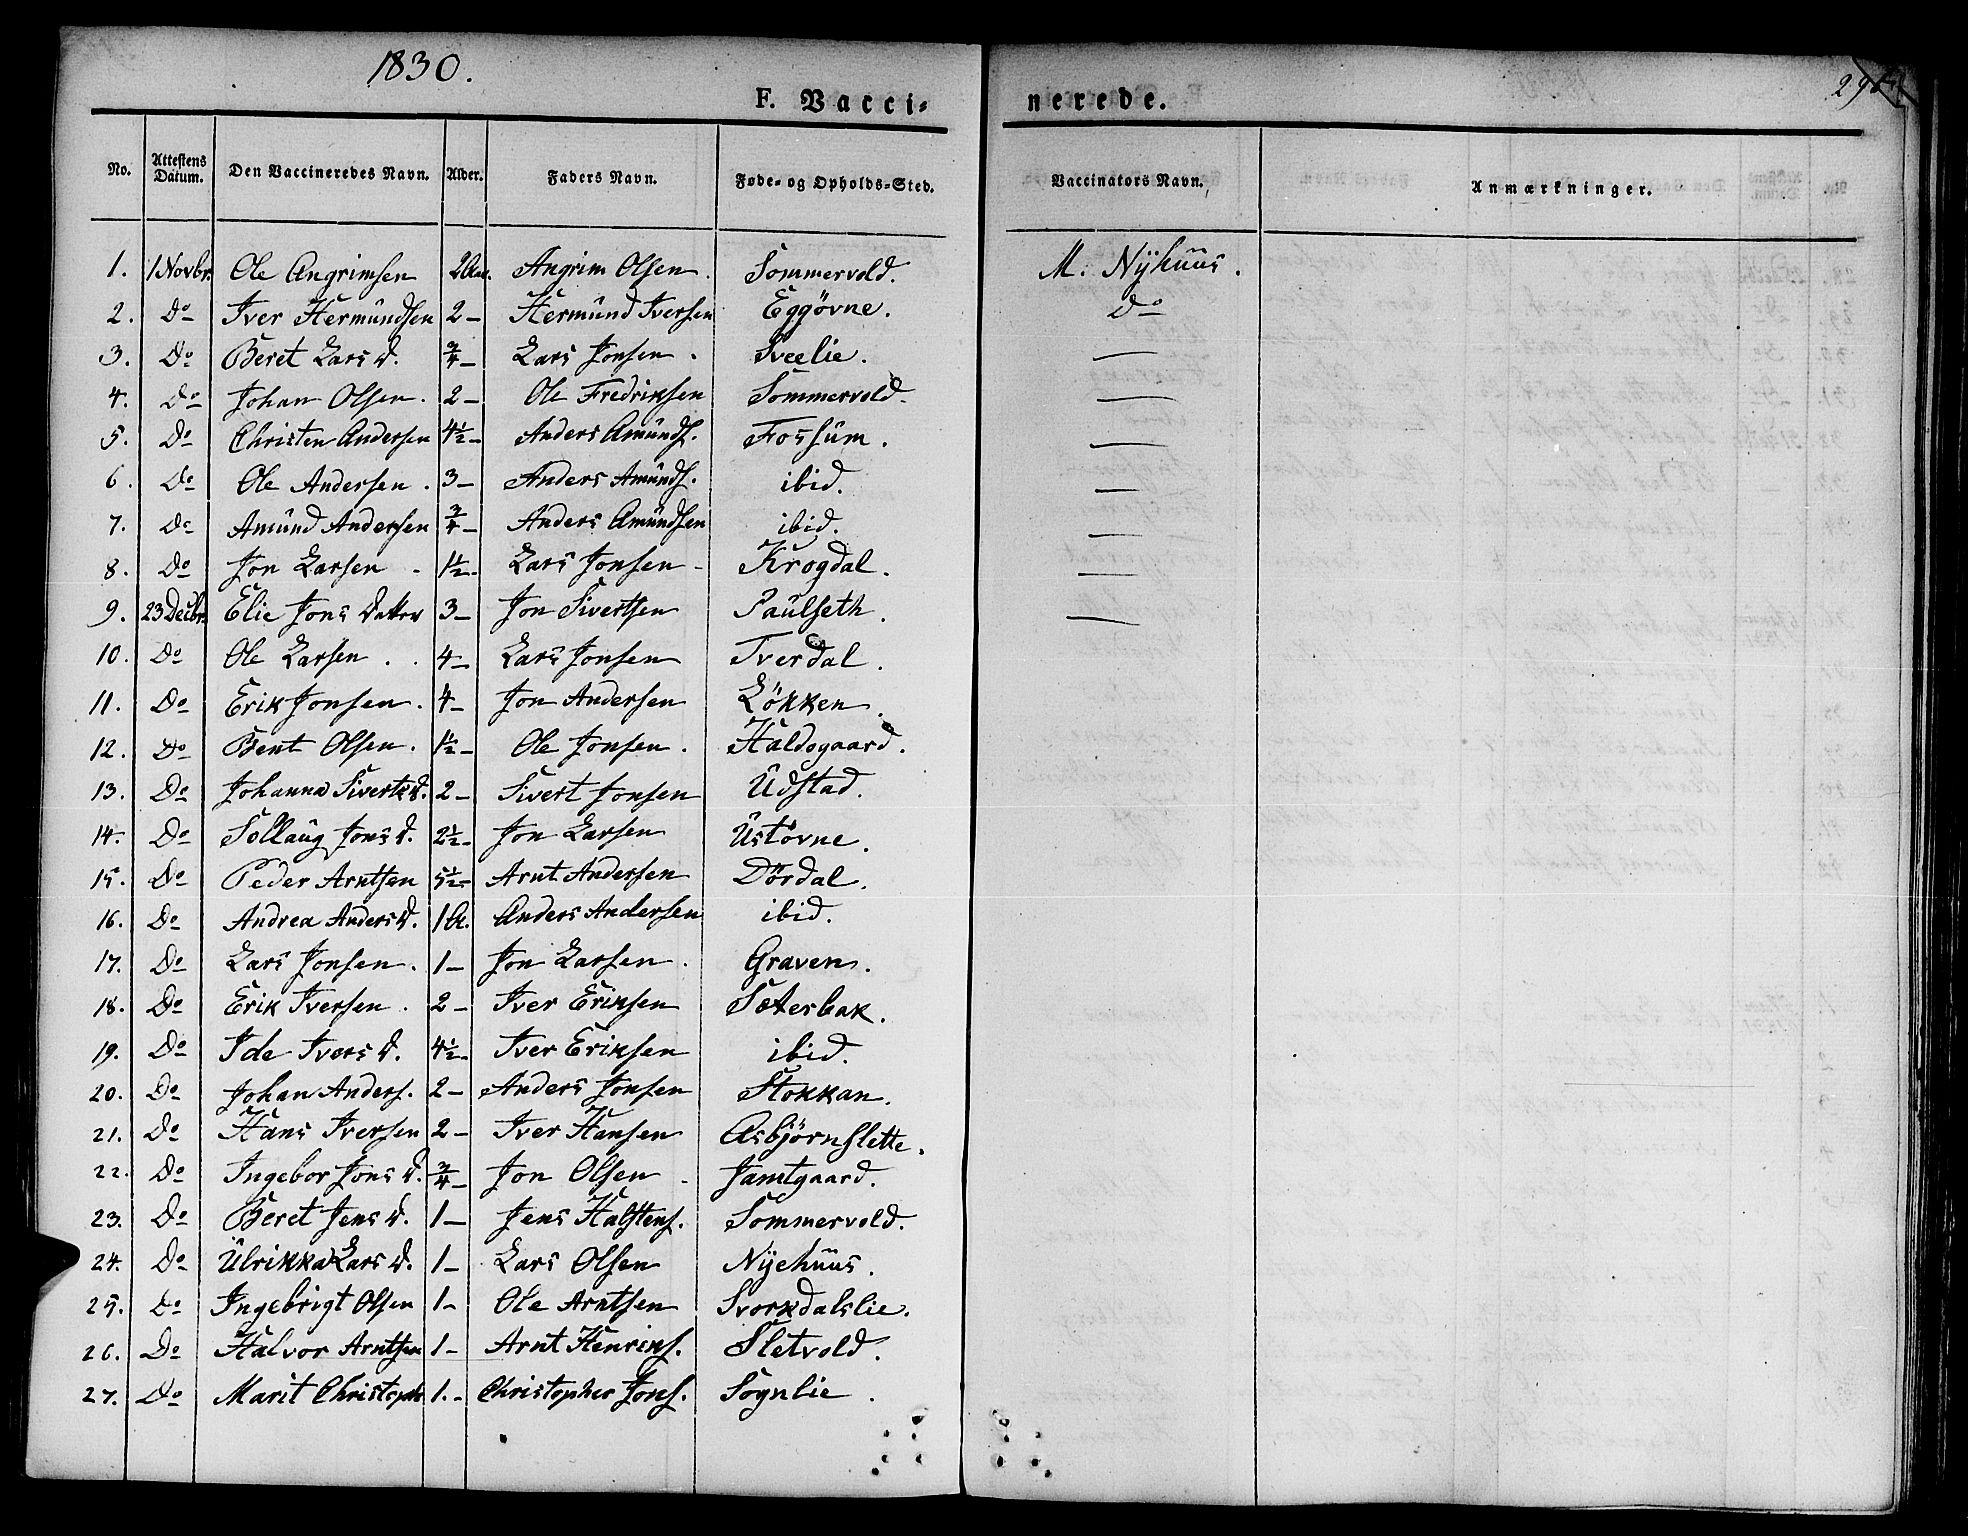 SAT, Ministerialprotokoller, klokkerbøker og fødselsregistre - Sør-Trøndelag, 668/L0804: Ministerialbok nr. 668A04, 1826-1839, s. 295